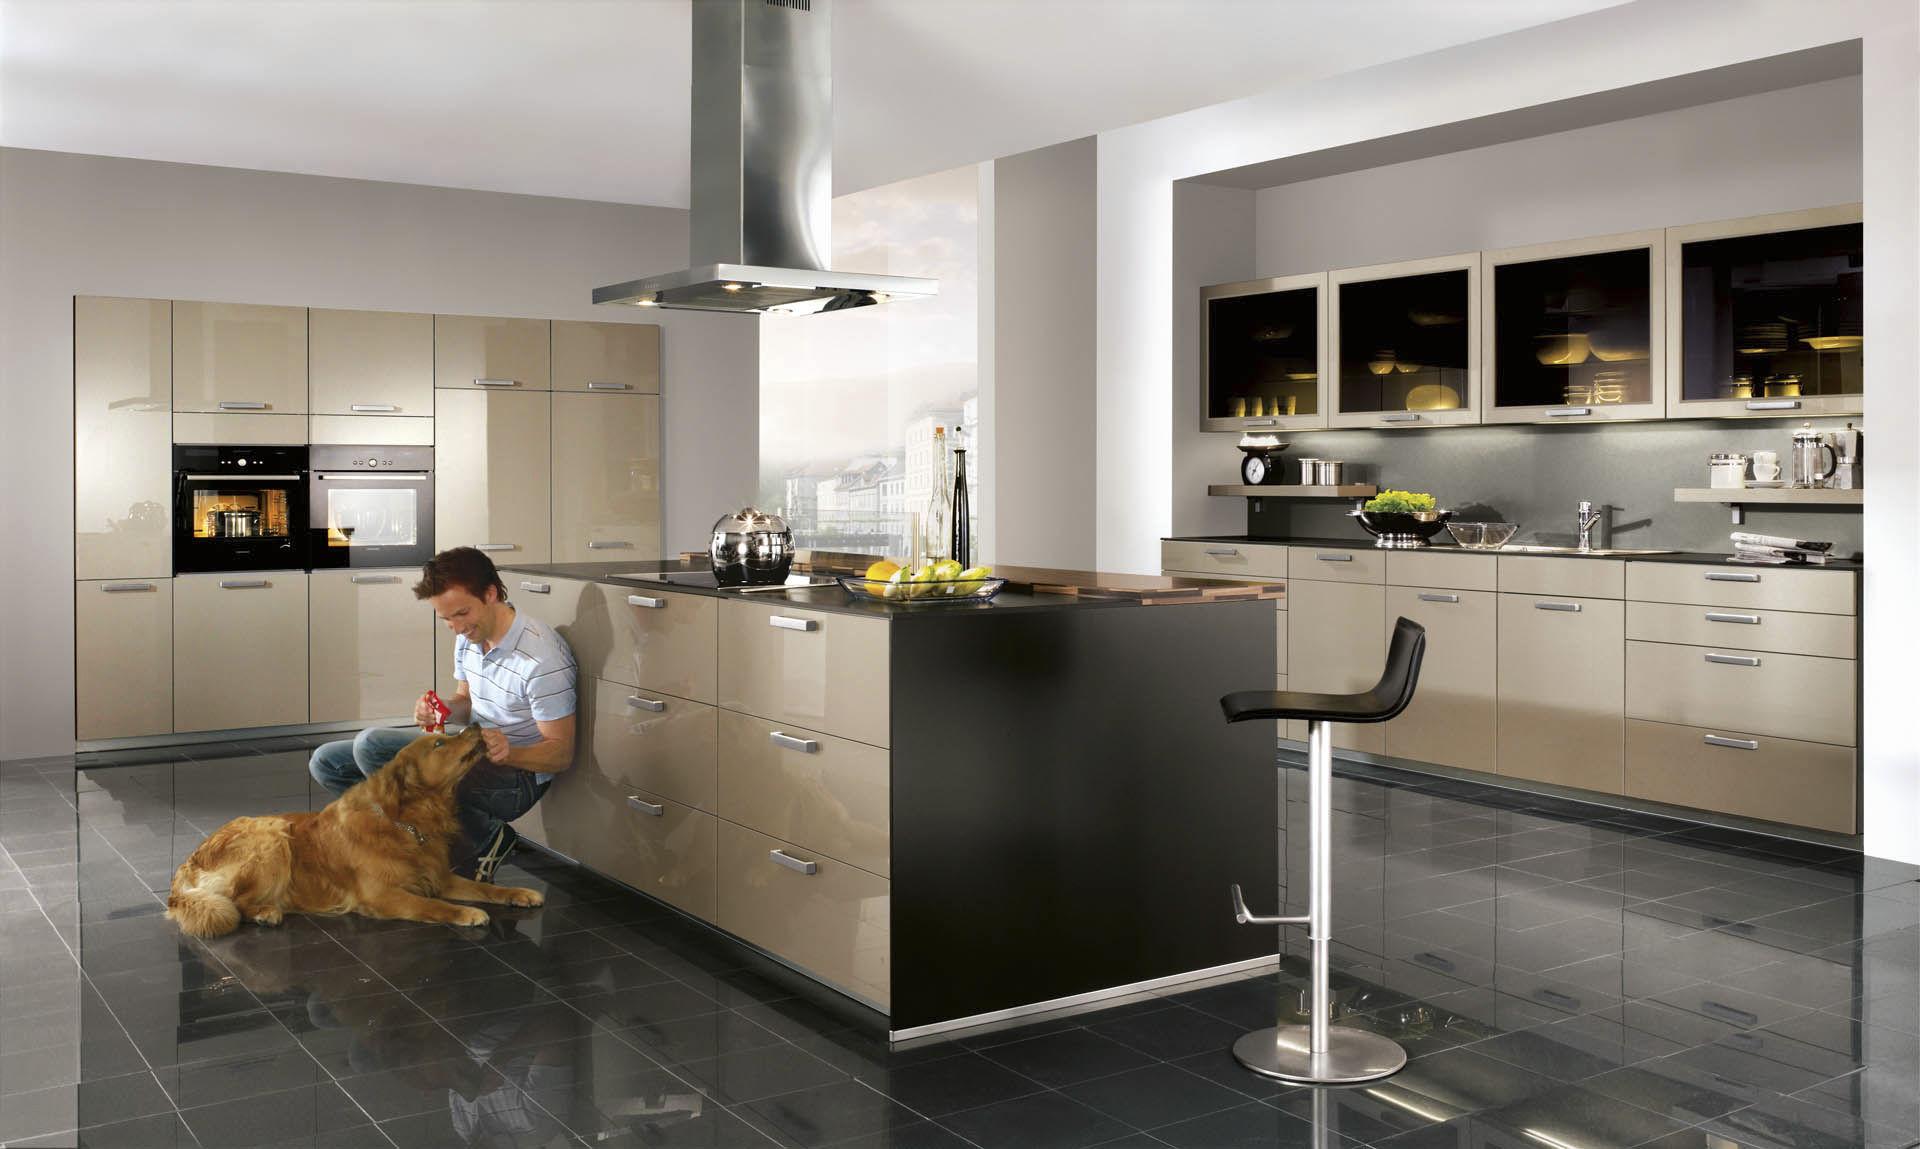 Muebles de cocina con isla central cocina con isla en for Cocinas modernas con isla central